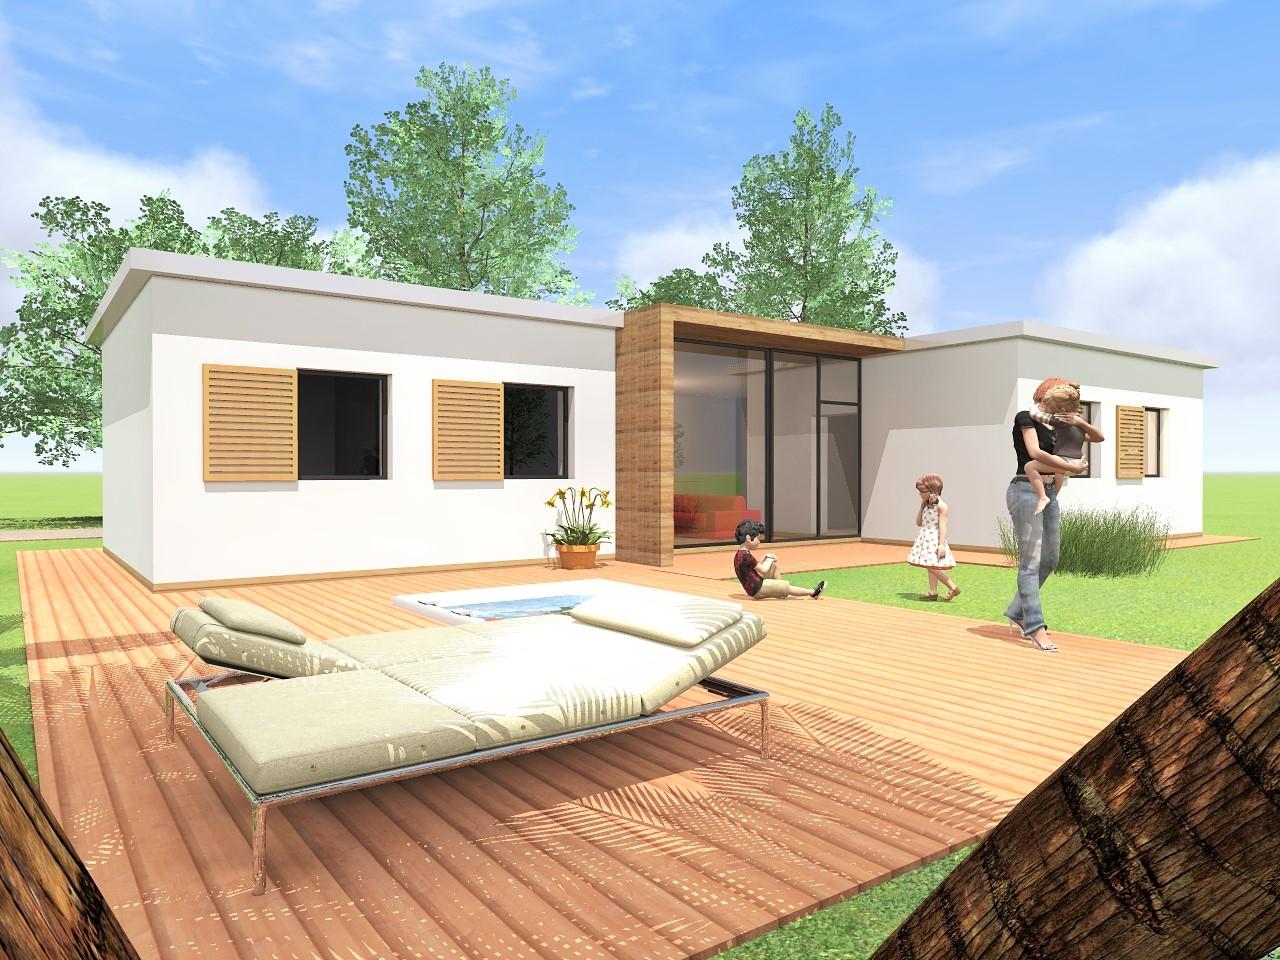 Abitazioni pronte in 3 mesi montini case - Ikea case prefabbricate ...